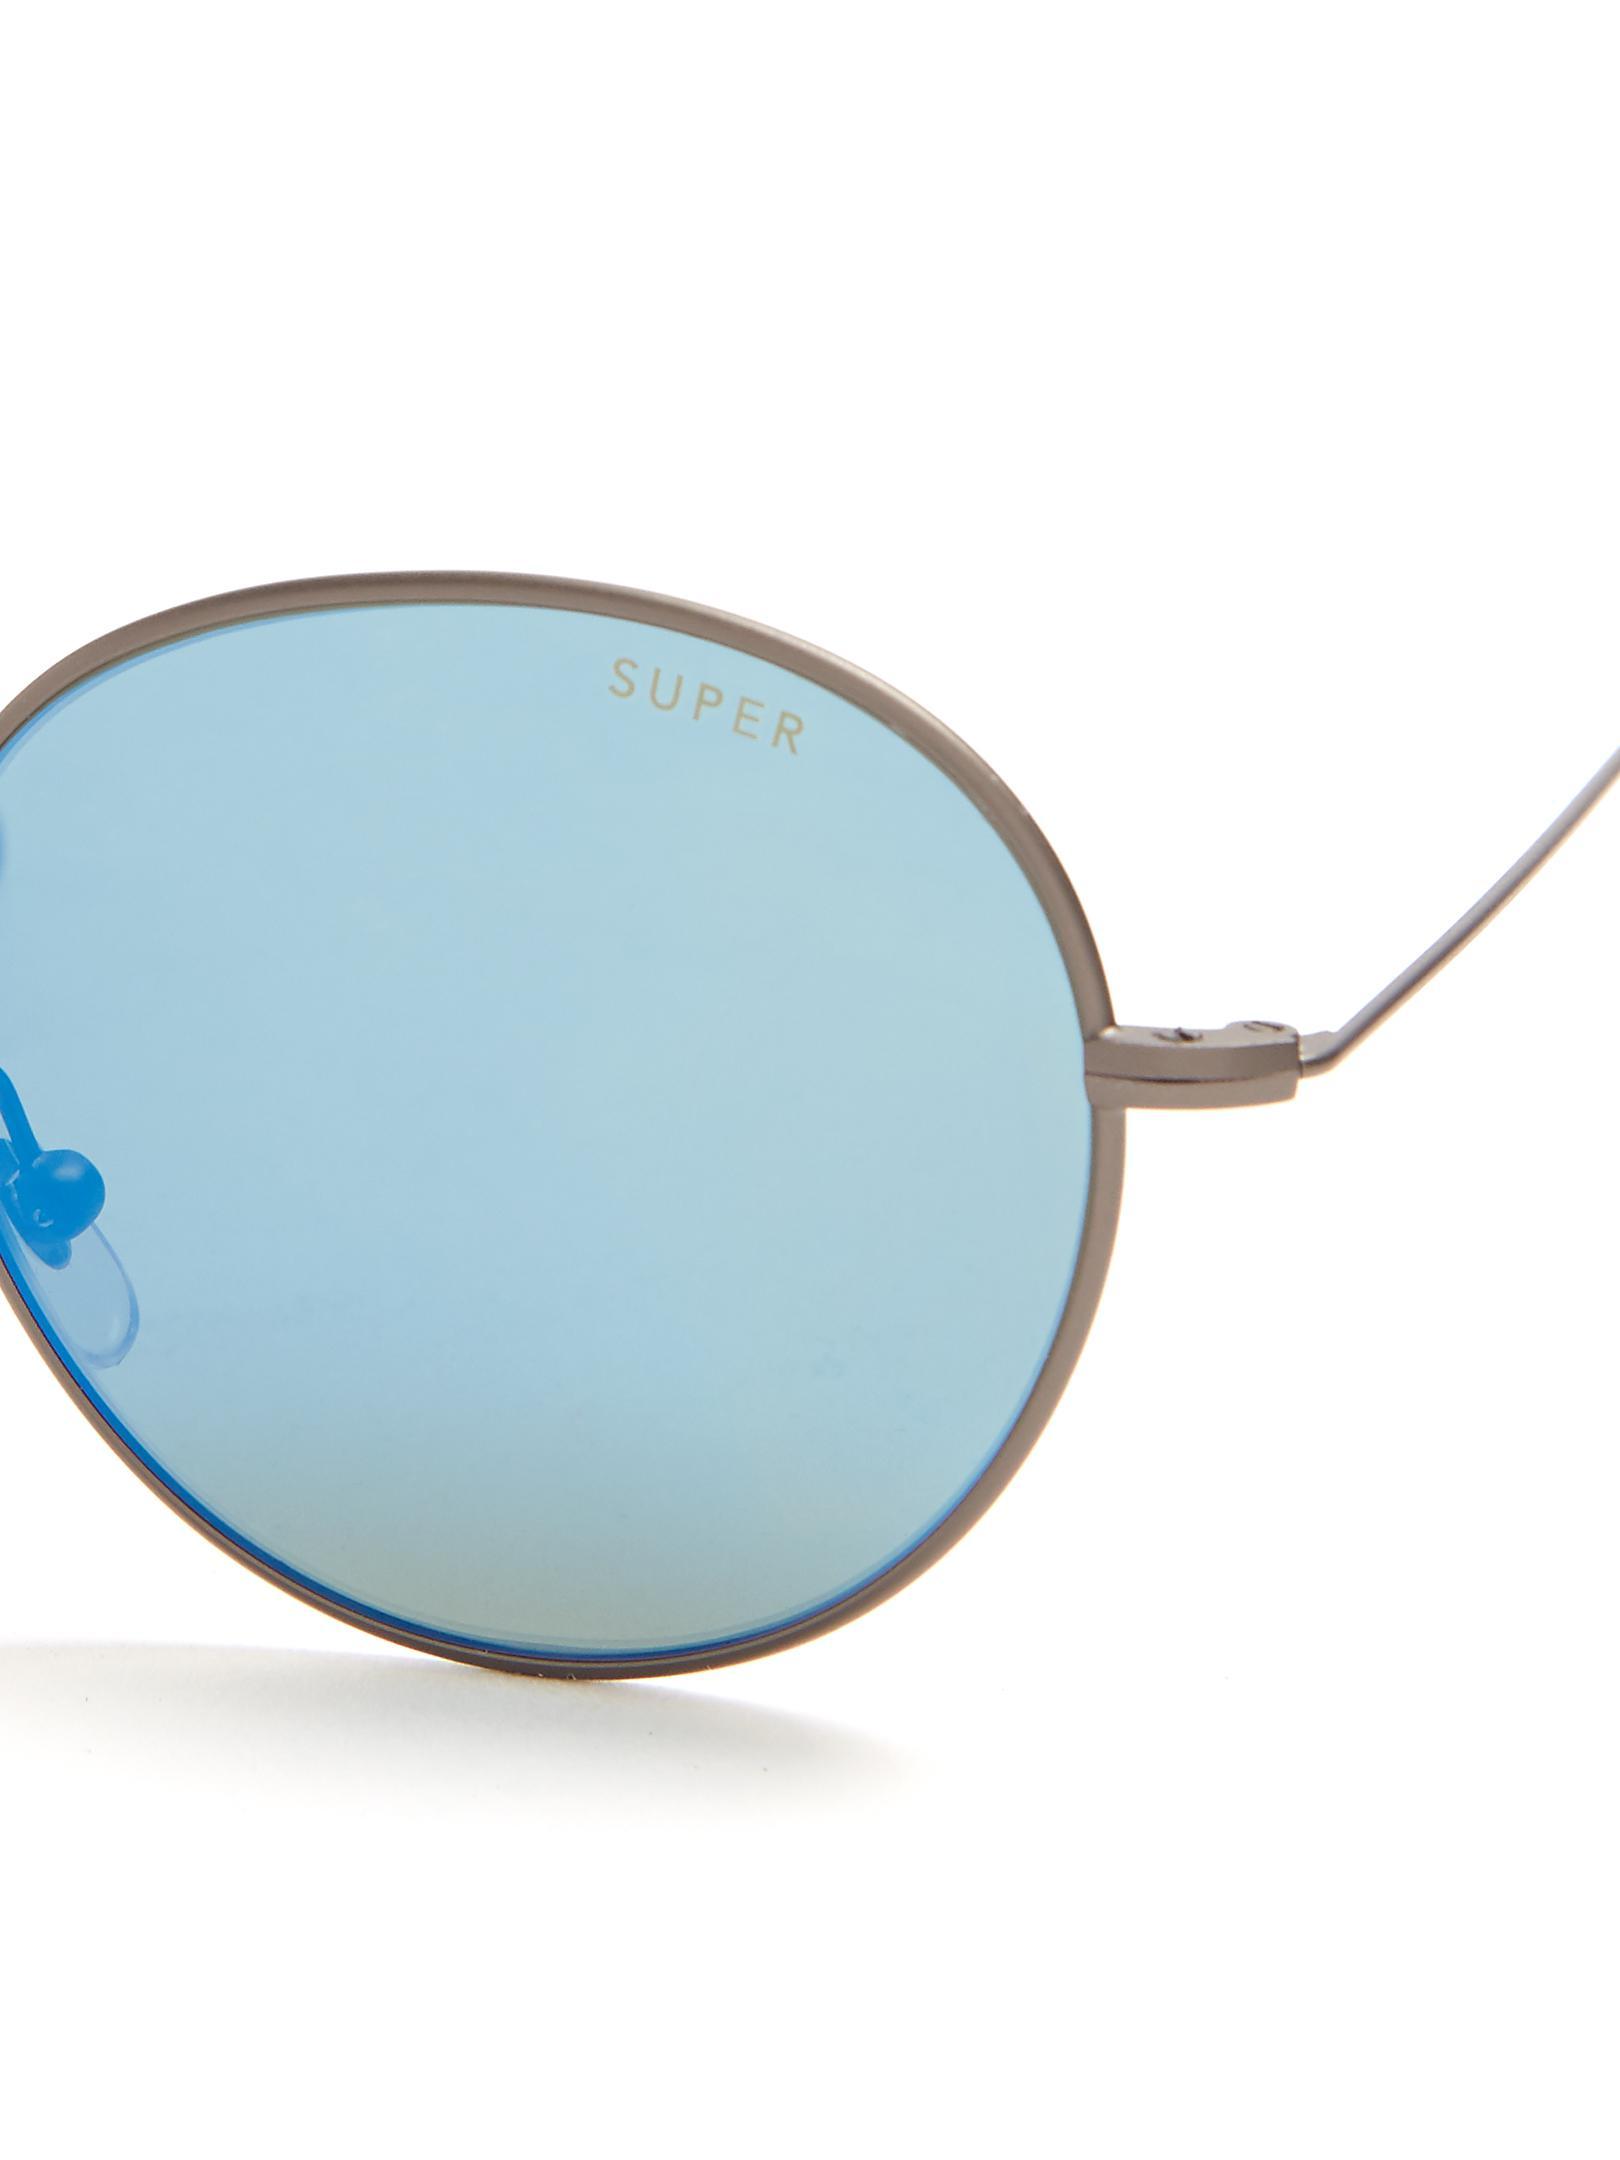 Lyst - Retrosuperfuture Wire Zero Mirrored Sunglasses in Blue for Men